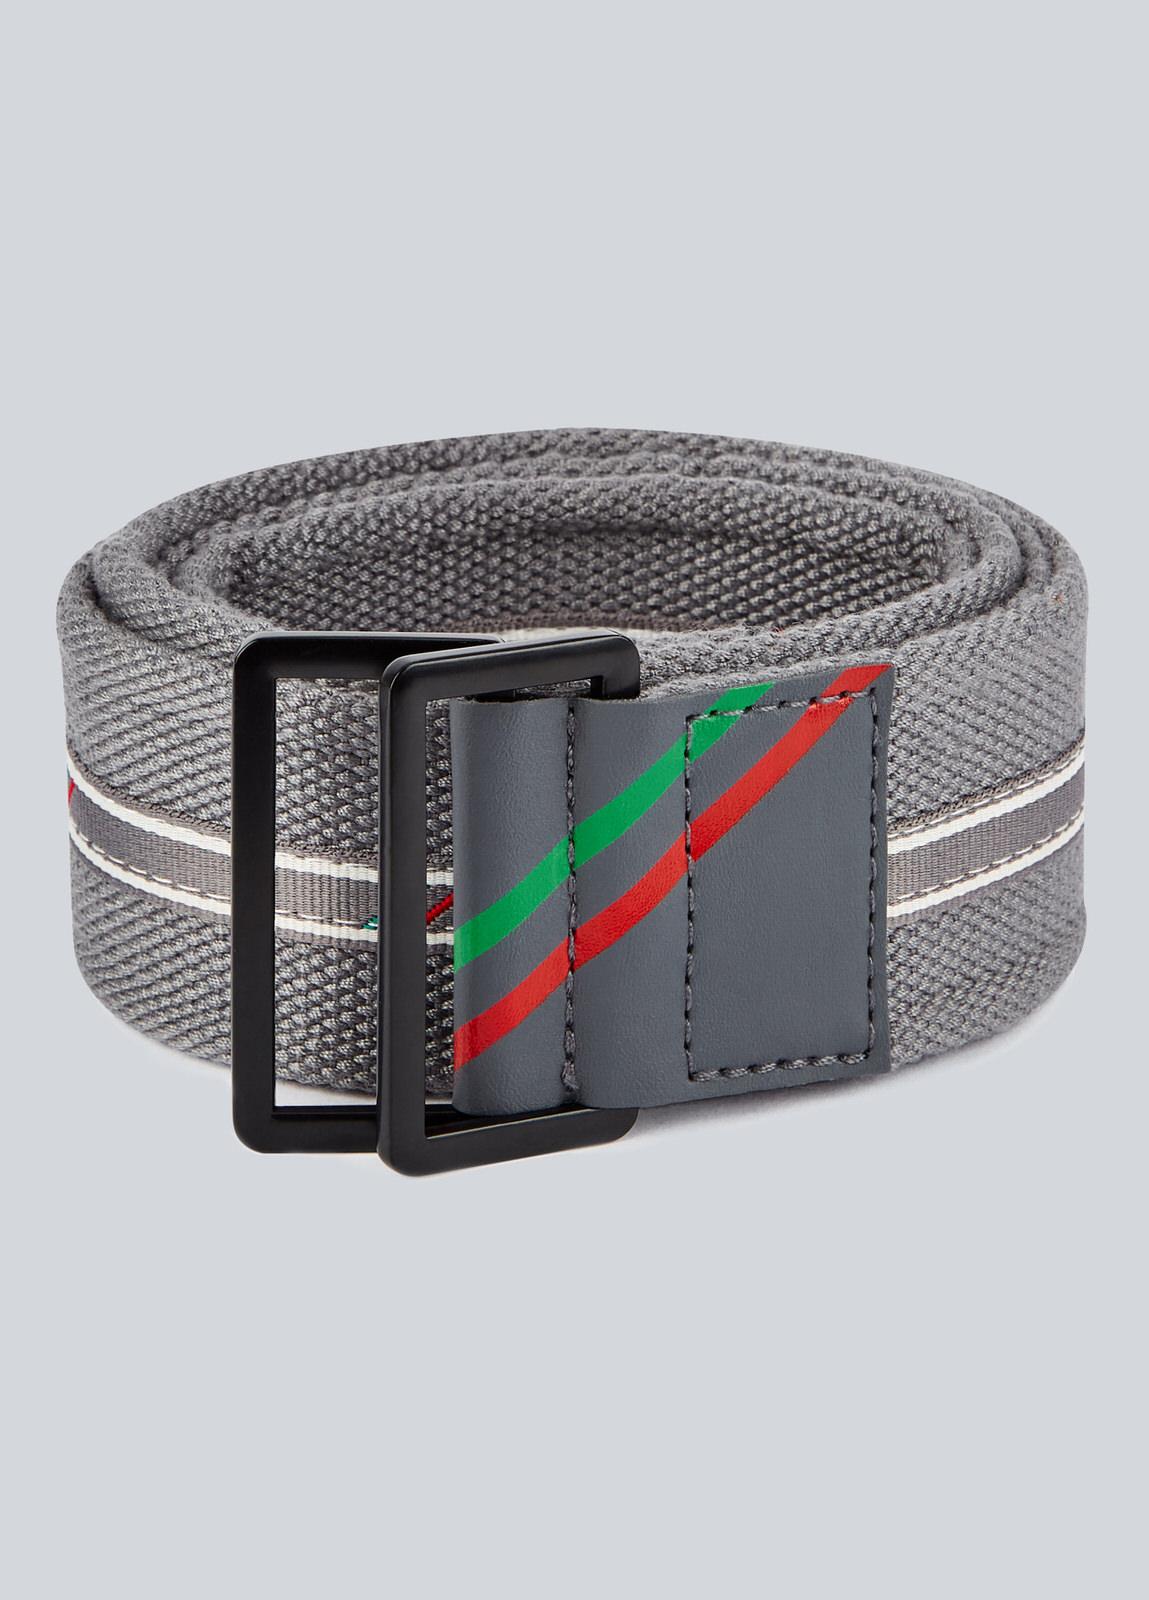 Cavallo Woven Belt - Graphite